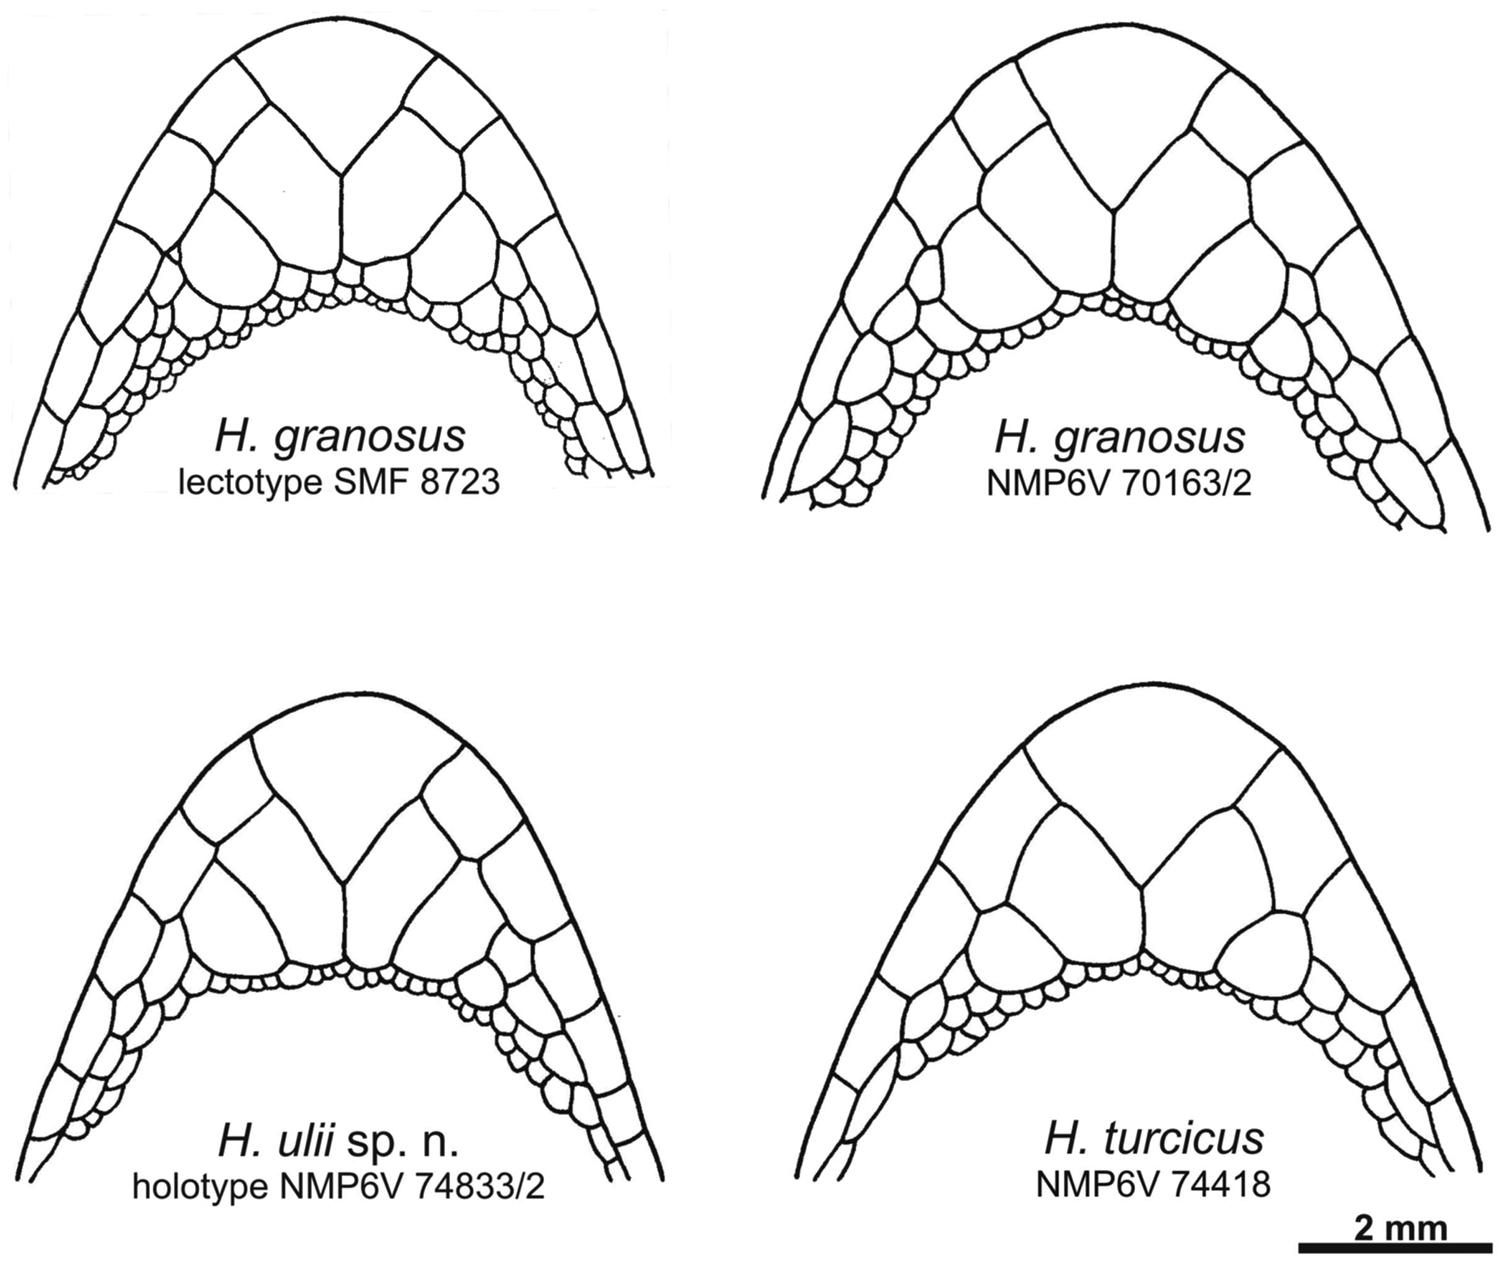 Two newly recognized species of Hemidactylus (Squamata, Gekkonidae